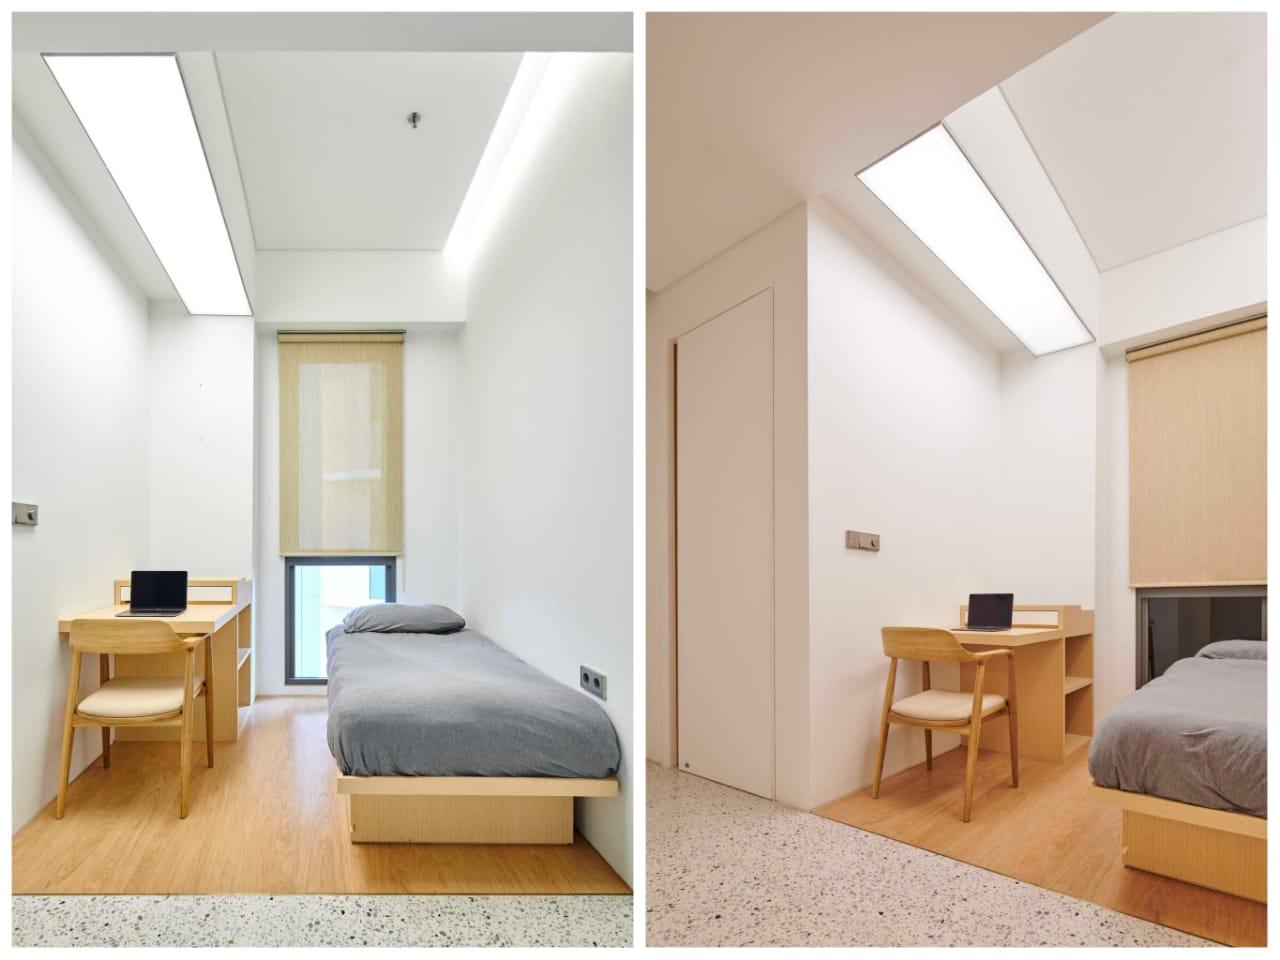 Tempat bekerja yang nyaman, proyek Marigold Apartment karya Design Donk (Sumber: arsitag.com)